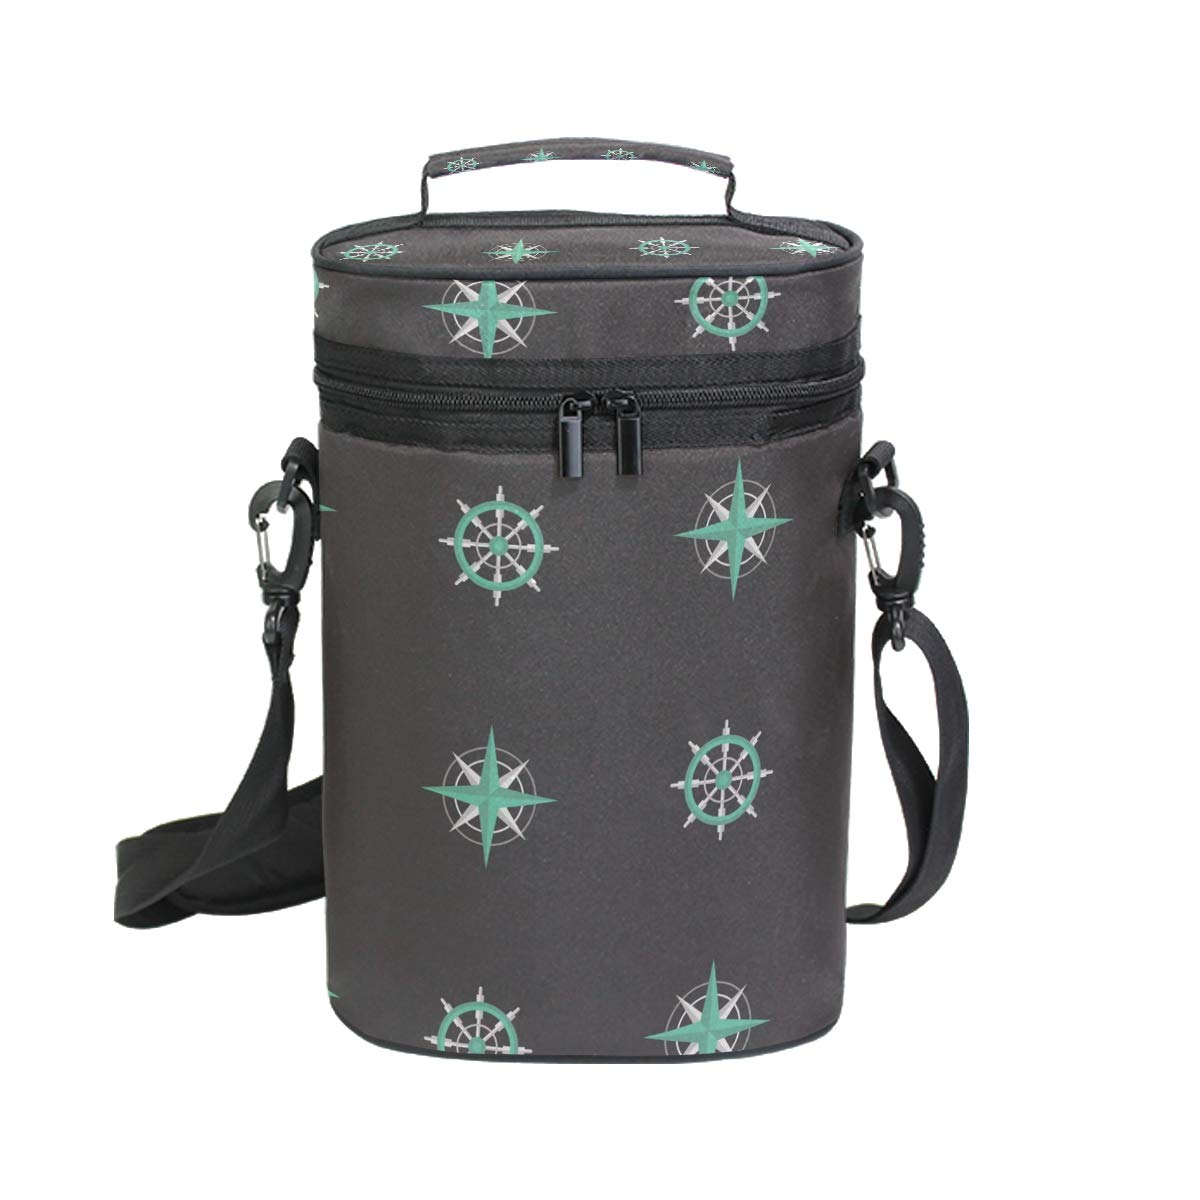 Coosun Sac de transport isotherme pour bouteille de vin avec poignée et bandoulière réglable Motif marin